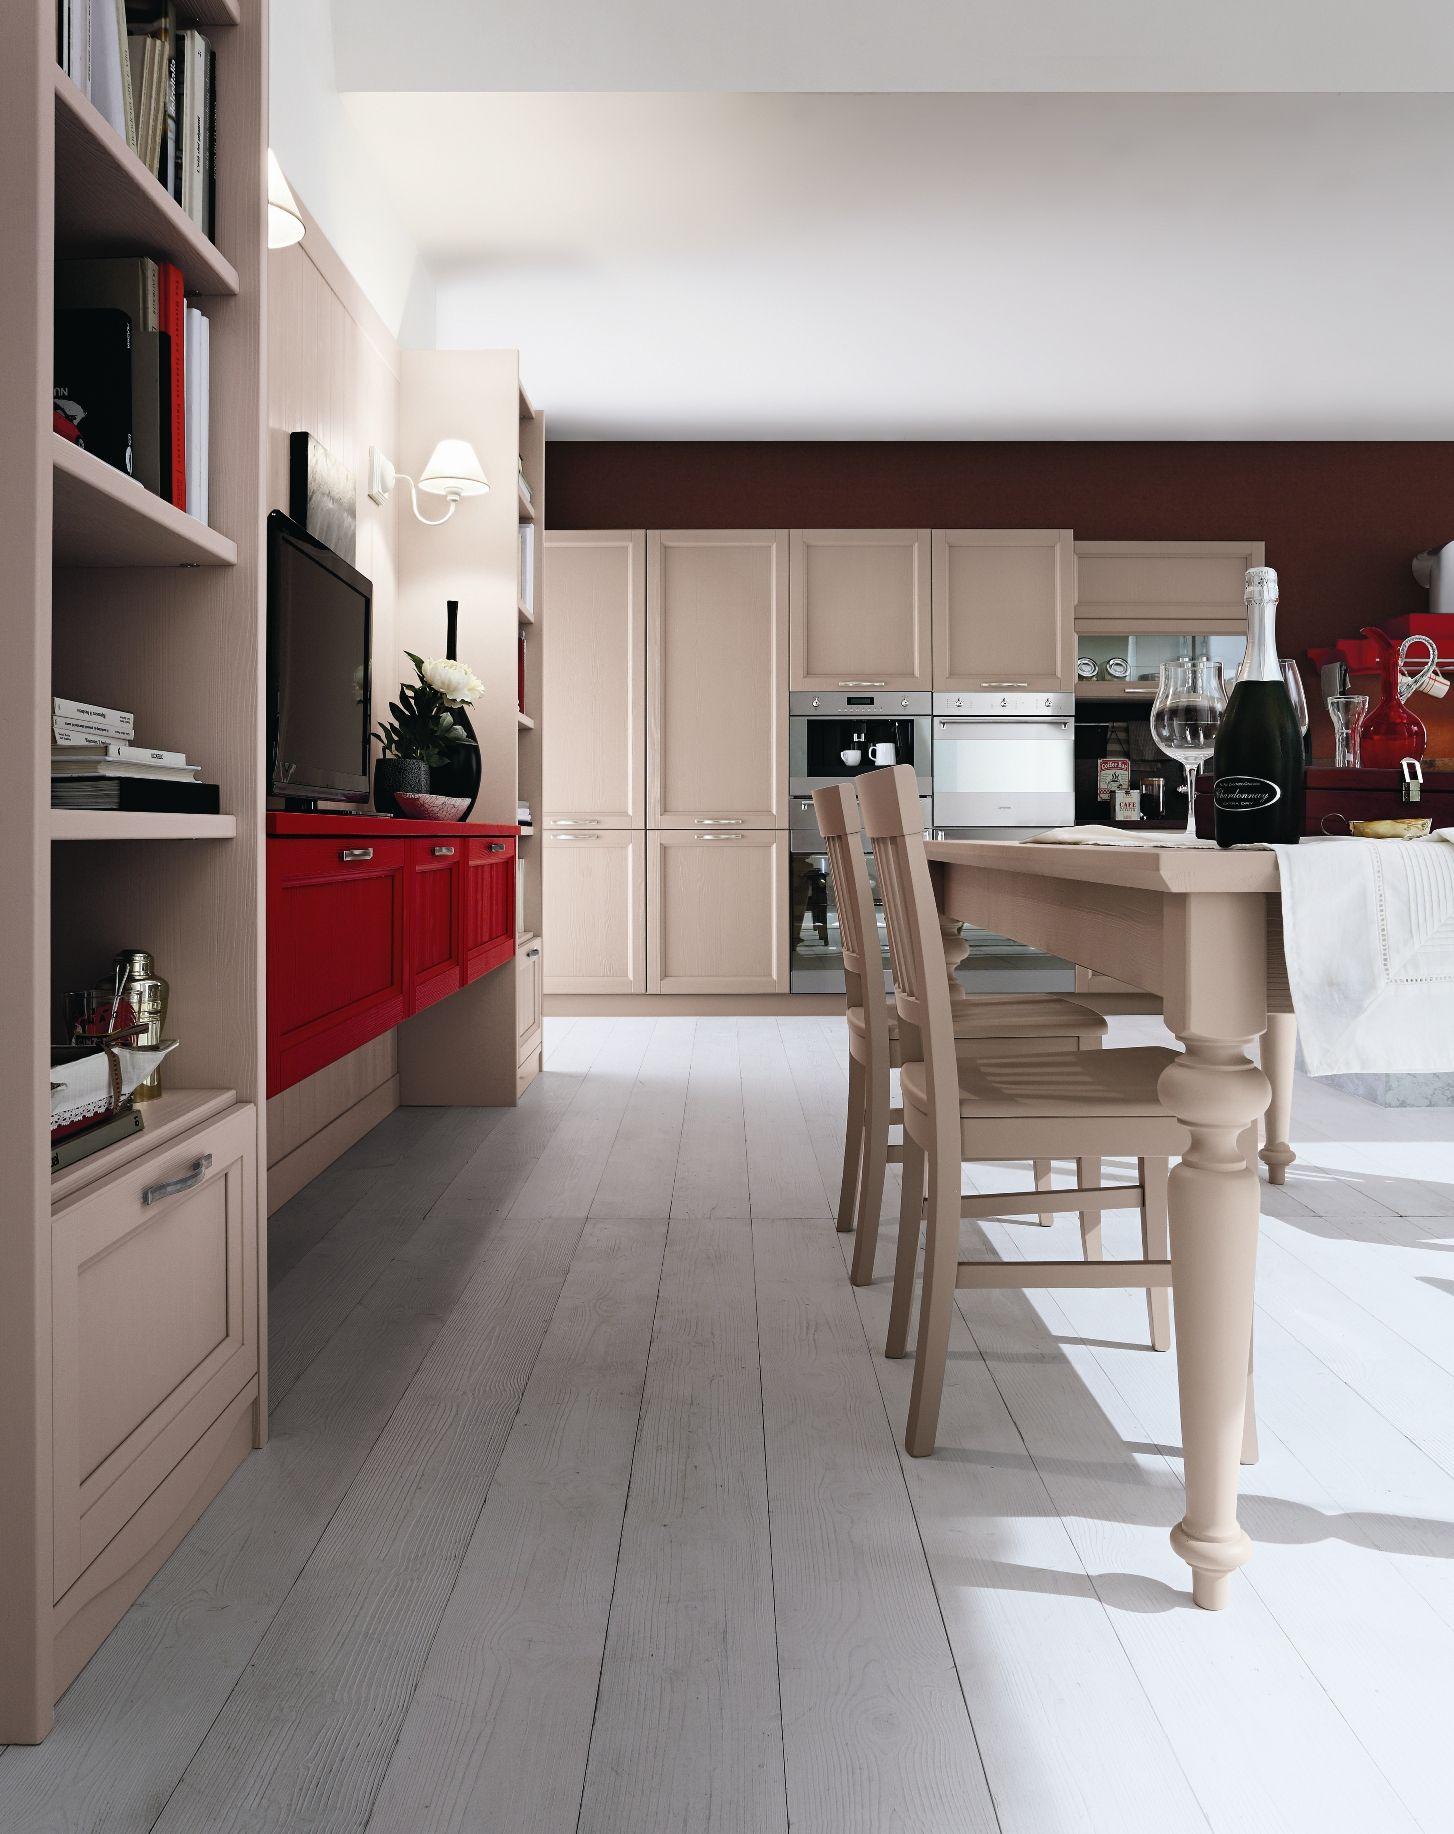 Every day cucina con isola by callesella arredamenti s r l for In cucina arredamenti roletto